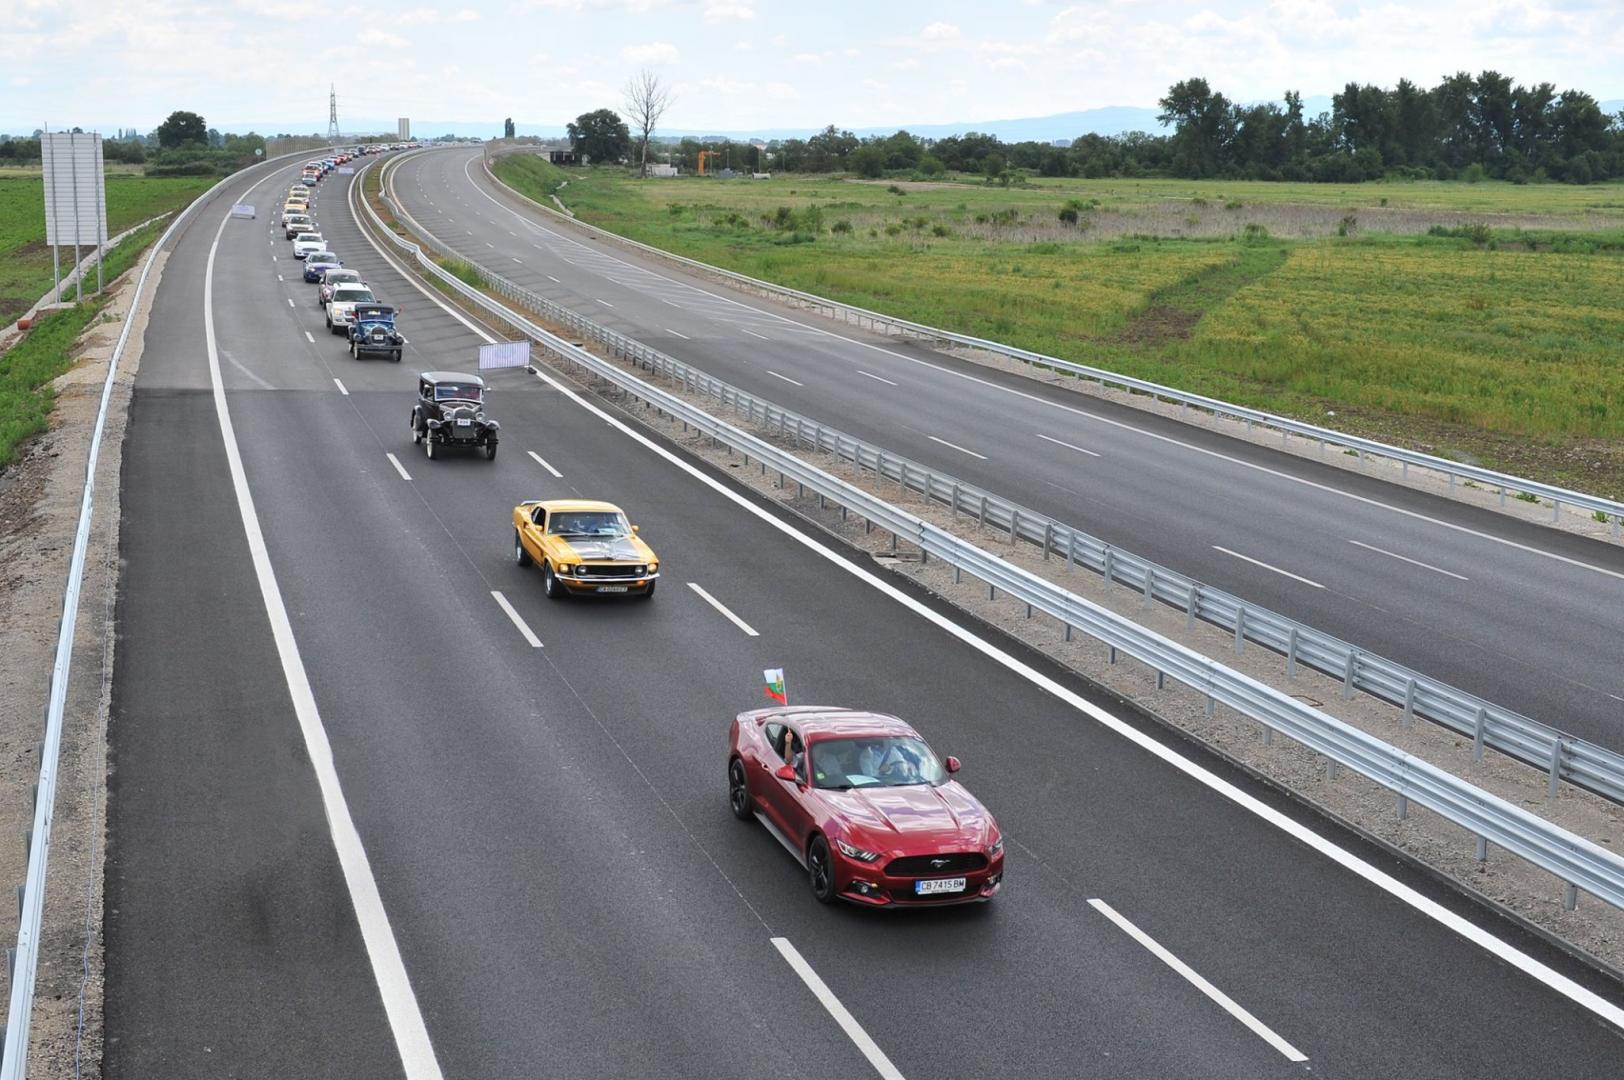 ford optocht bulgarije auto's op de weg